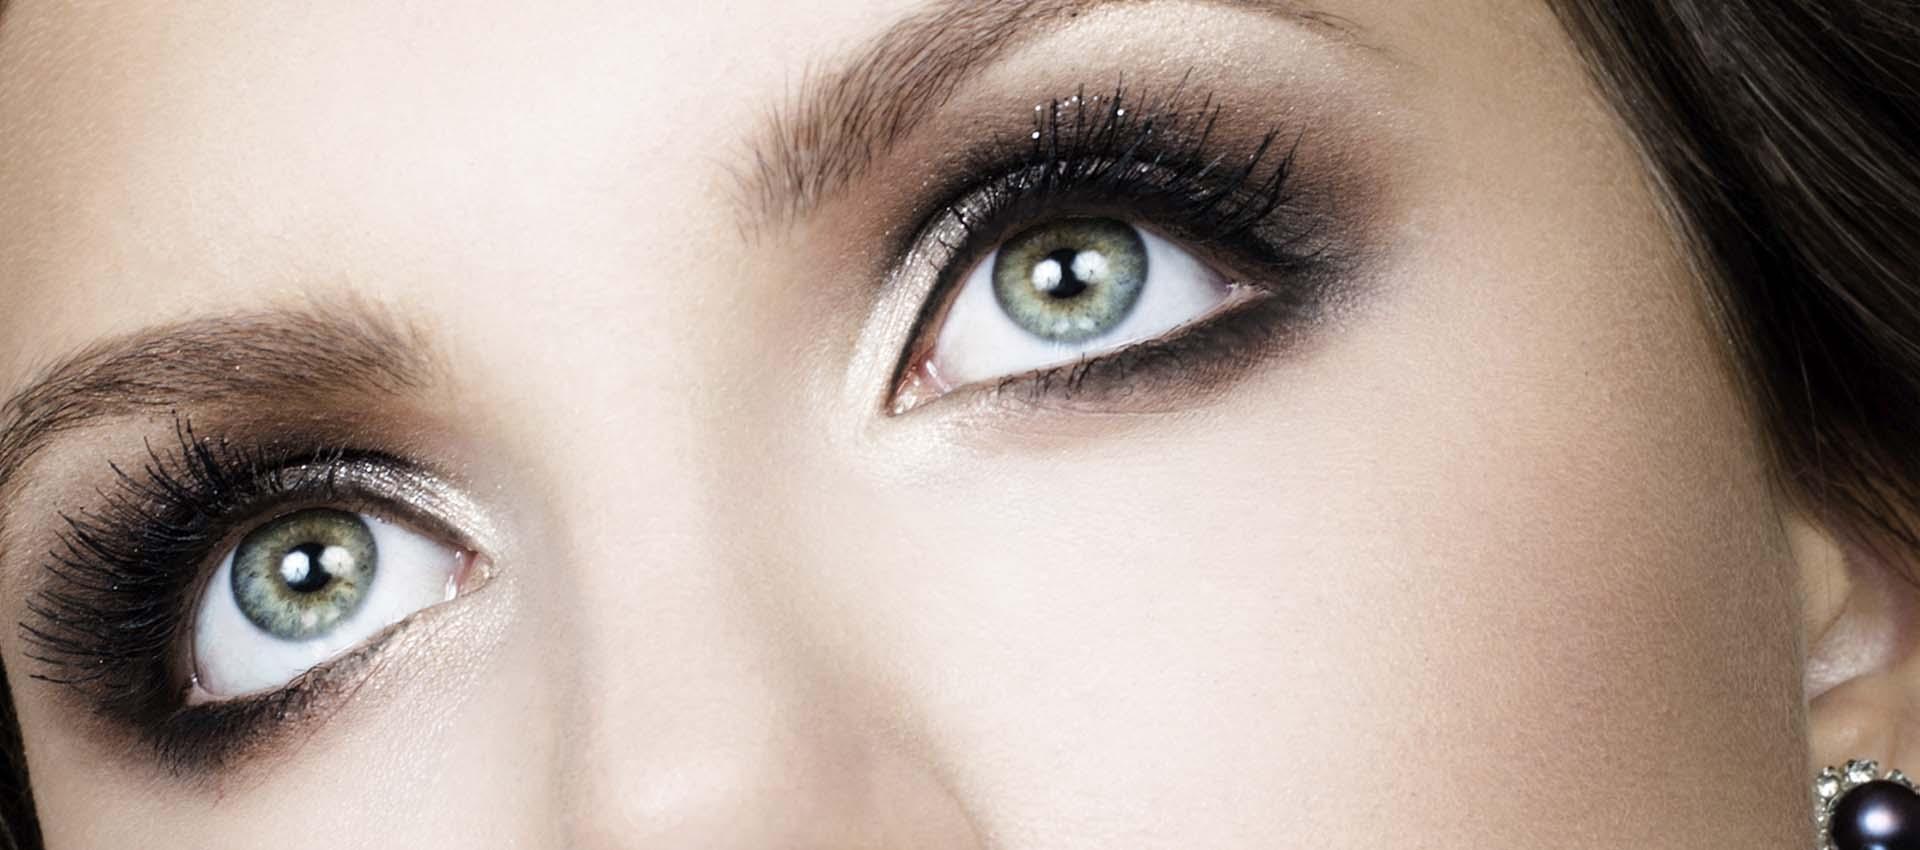 waxing poland airbrush makeup wedding makeup and skin